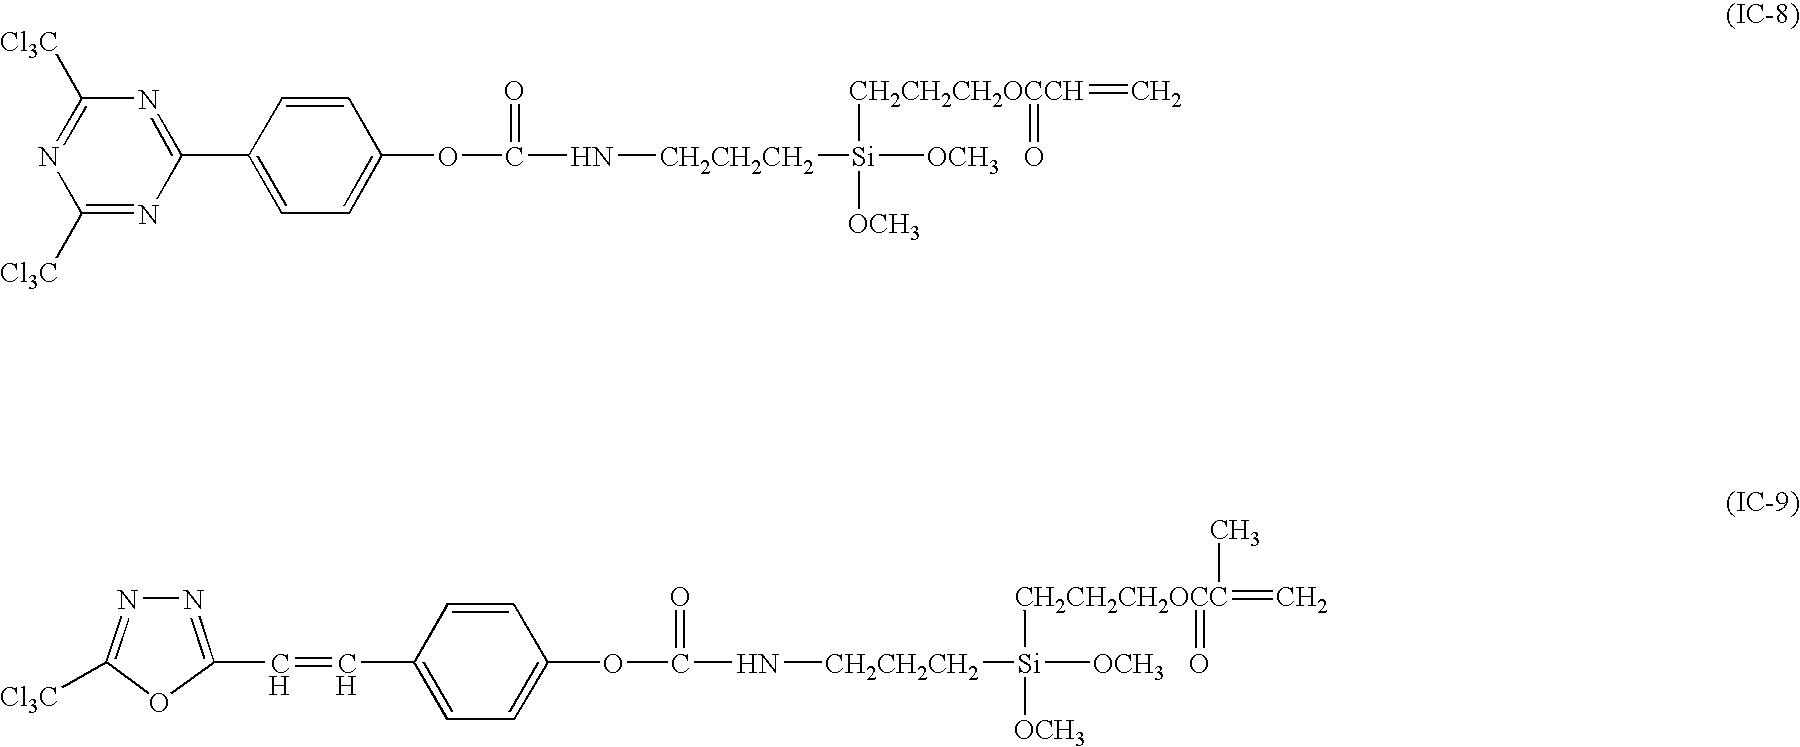 Figure US20080038472A1-20080214-C00066